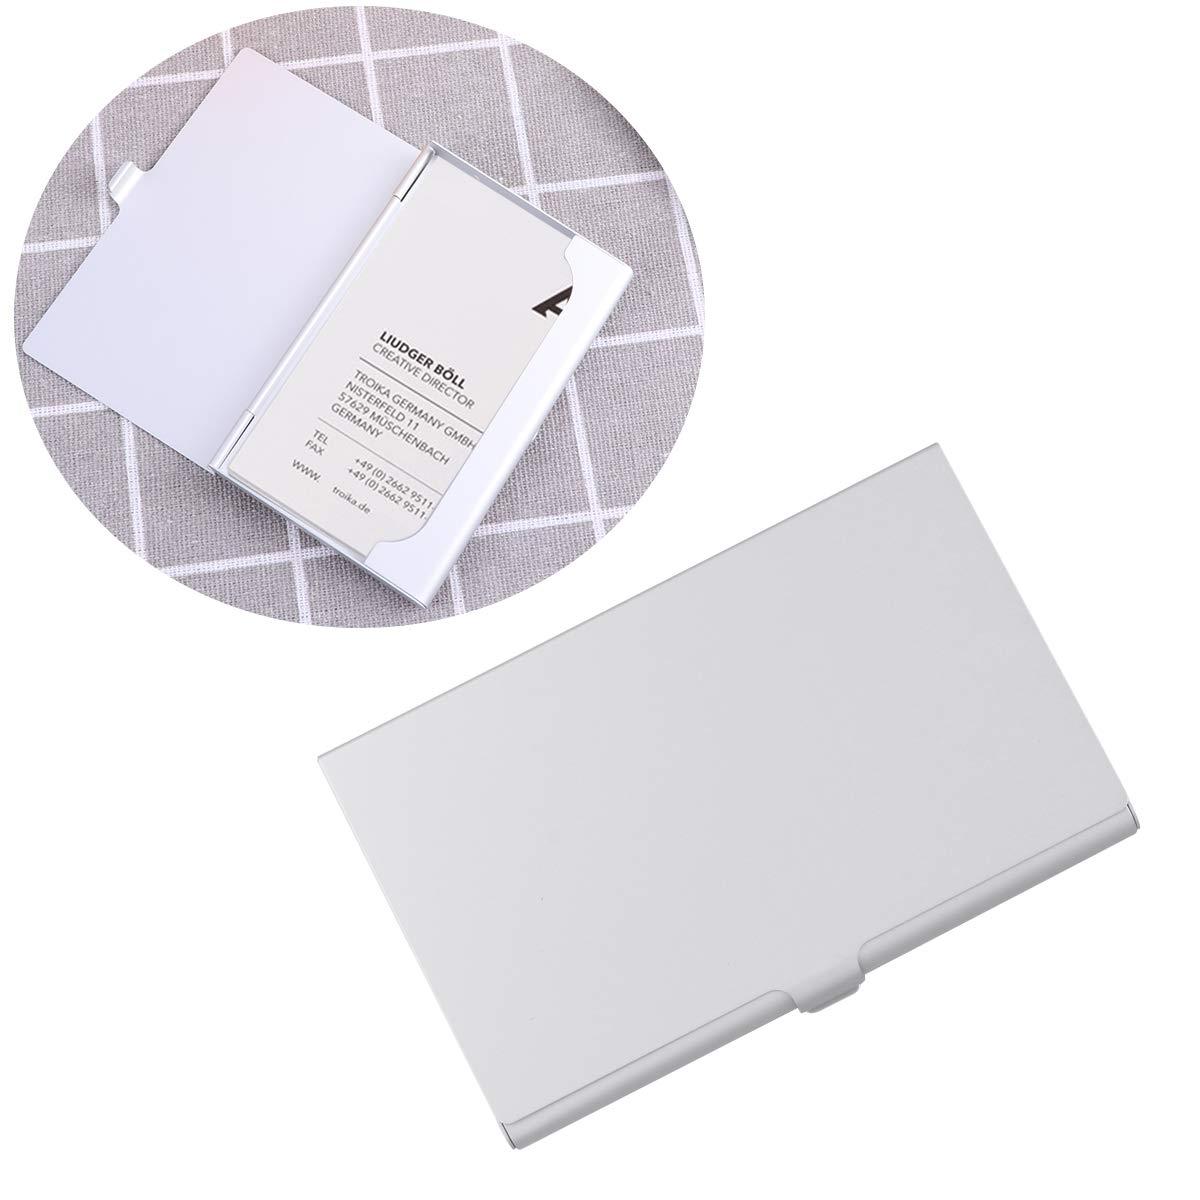 Toyvian Portable Nom de Titulaire de la Carte Porte-Cartes Nom du Bureau Organisateur de Cartes de Visite en m/étal Carte de cr/édit Case Organisateur de bo/îte